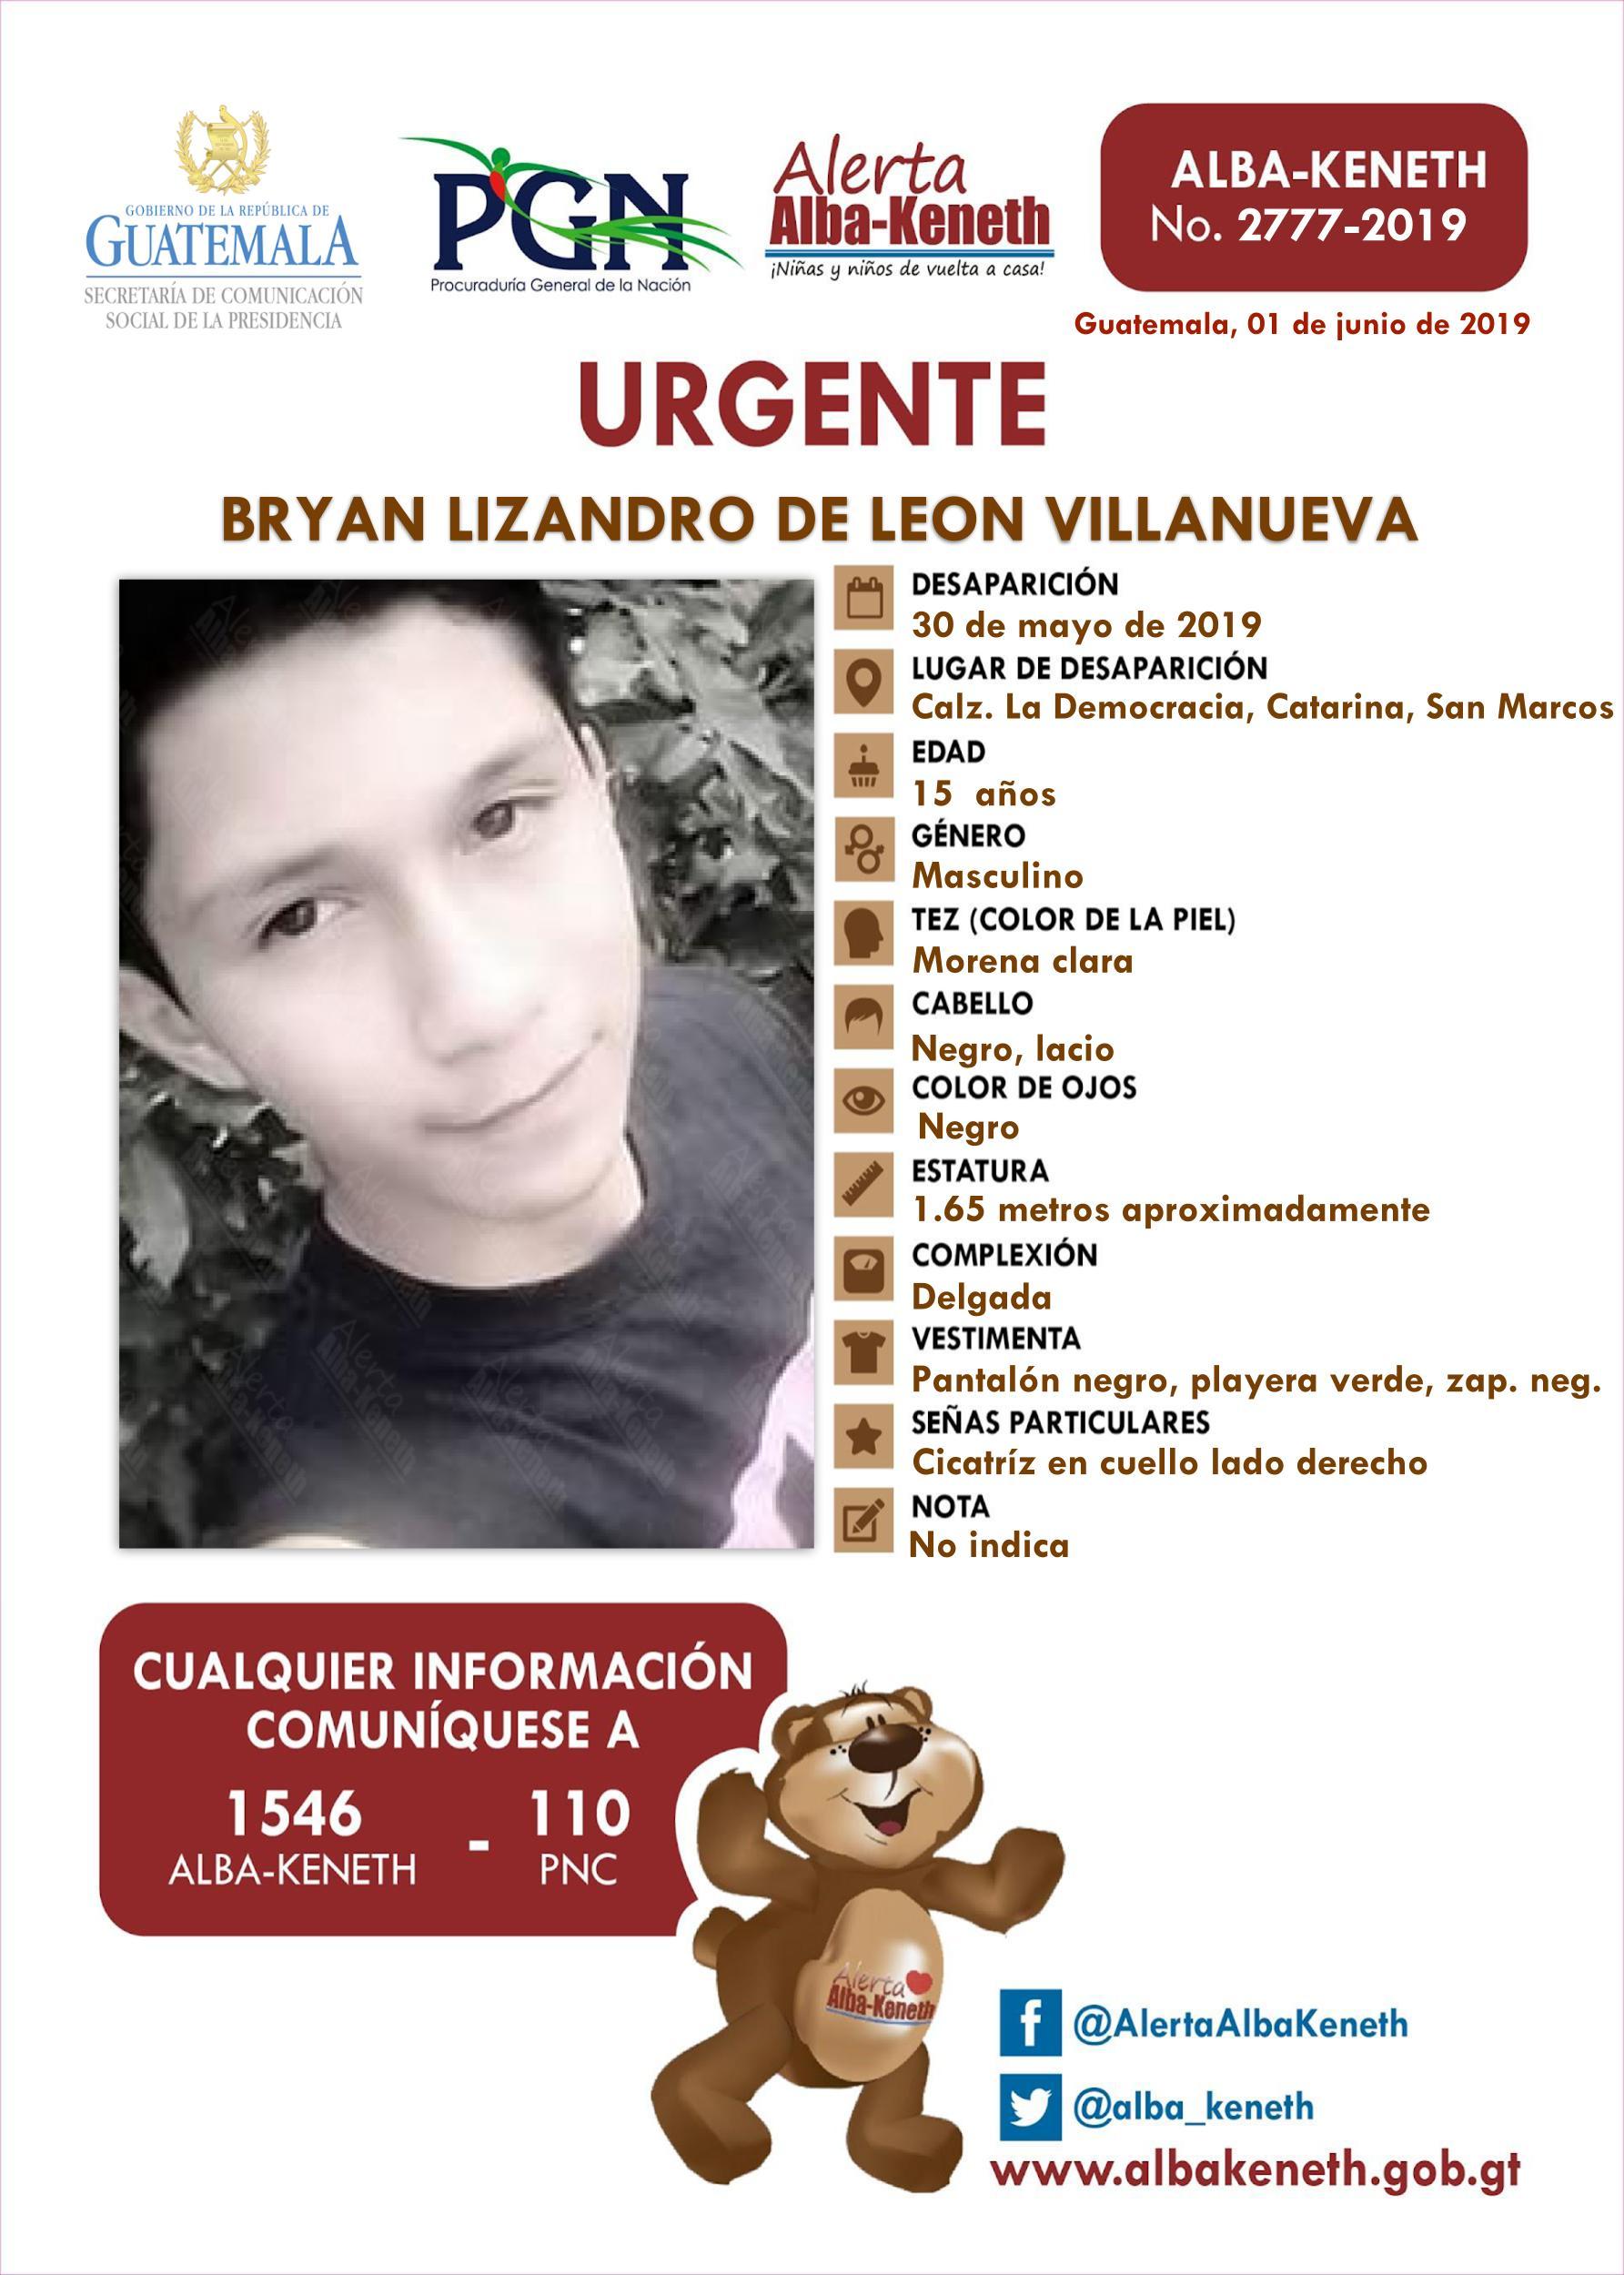 Bryan Lizandro de Leon Villanueva